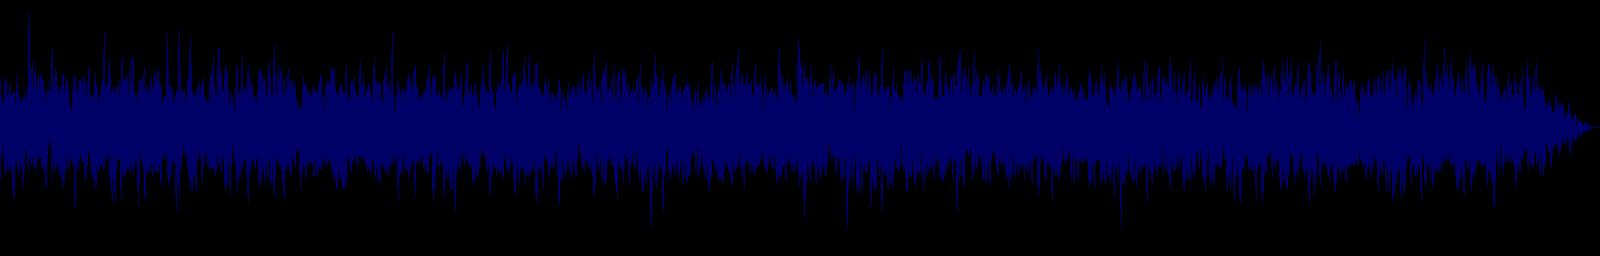 waveform of track #132757